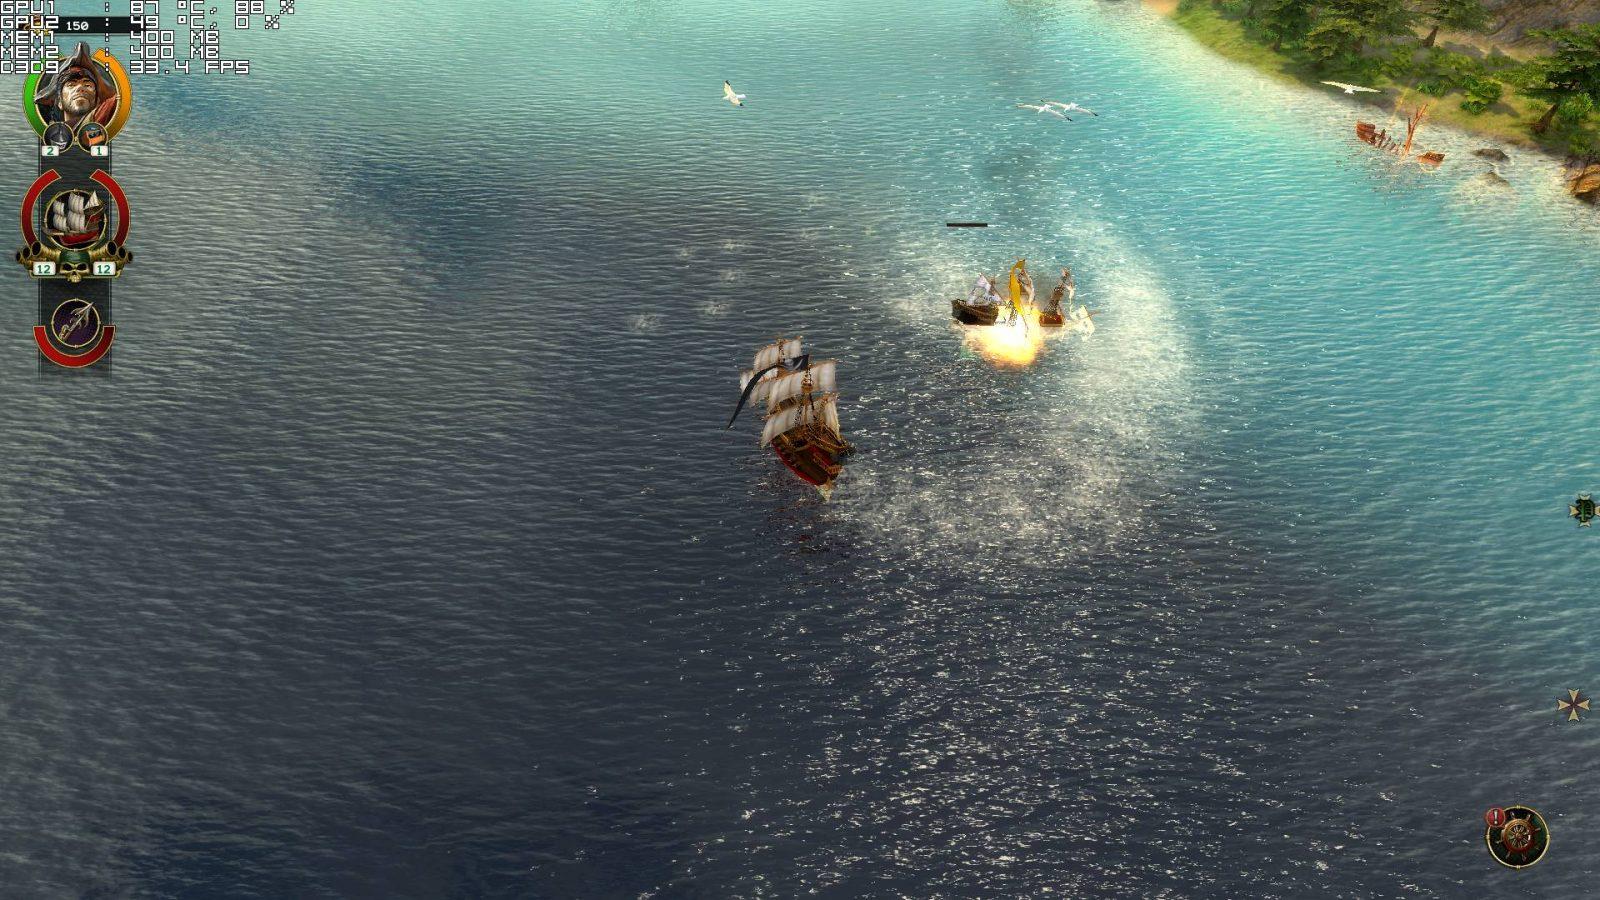 Скриншот из игры Пираты Карибского моря (Корсары)